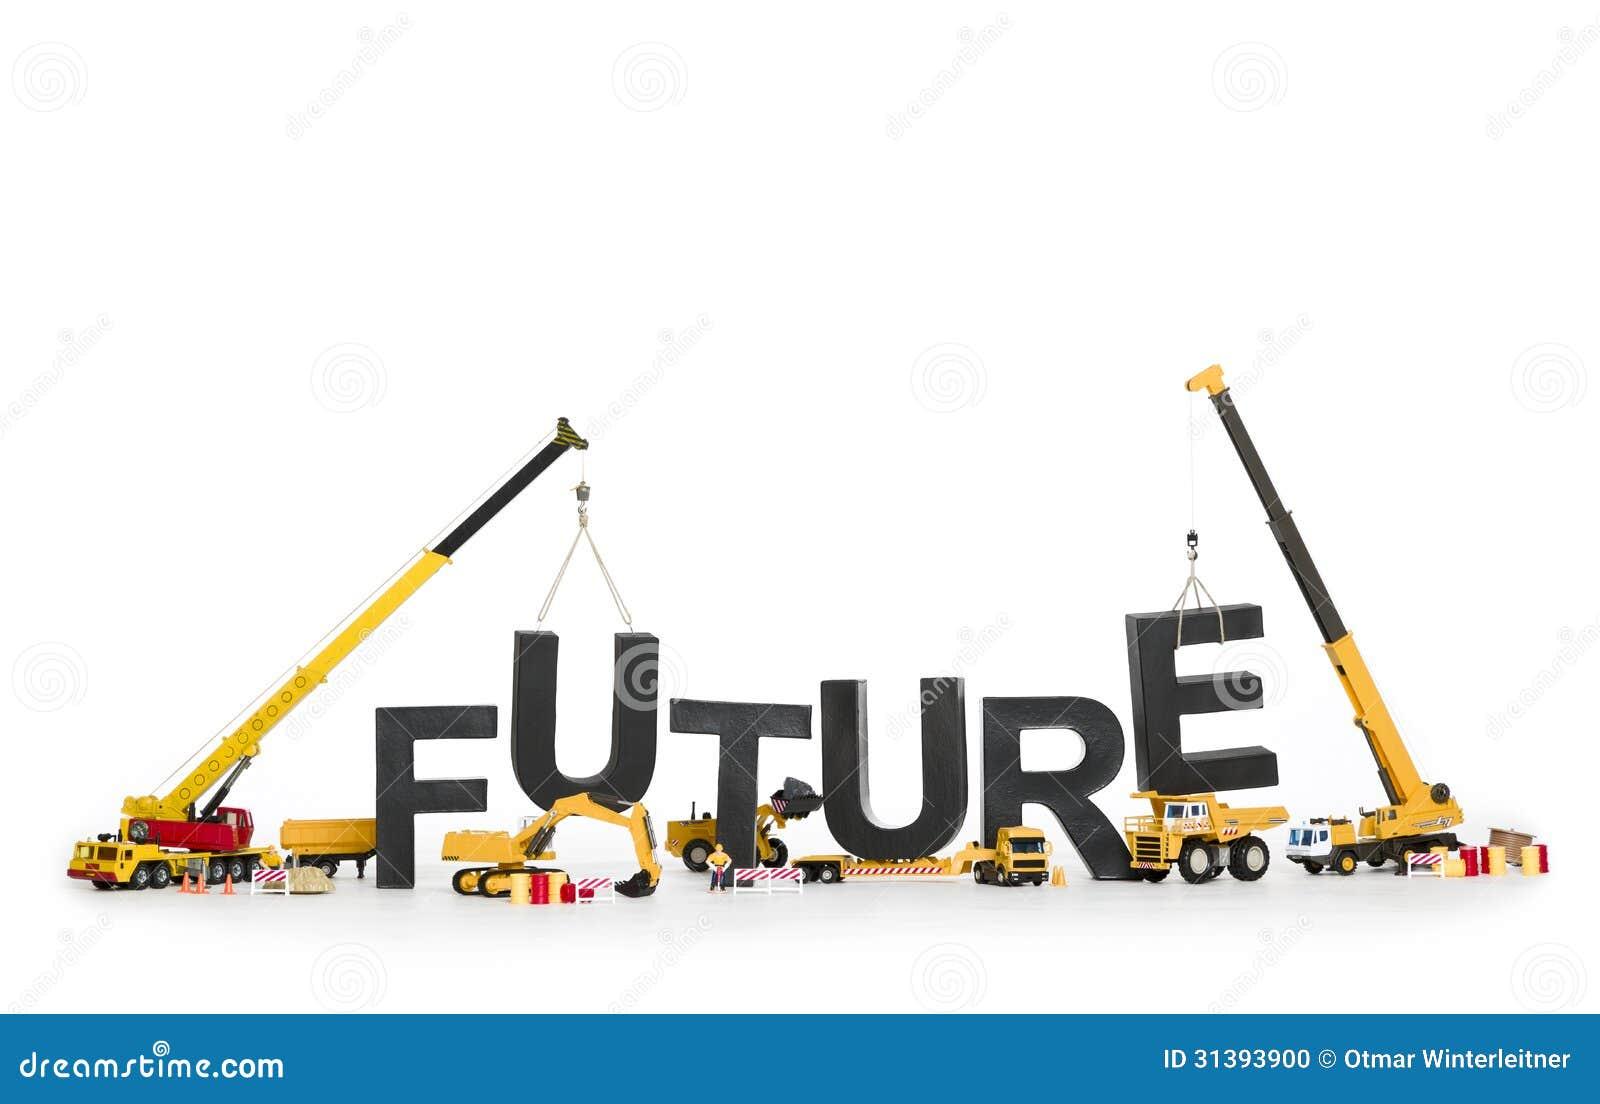 Tworzy twój przyszłość: Maszyny buduje słowo.